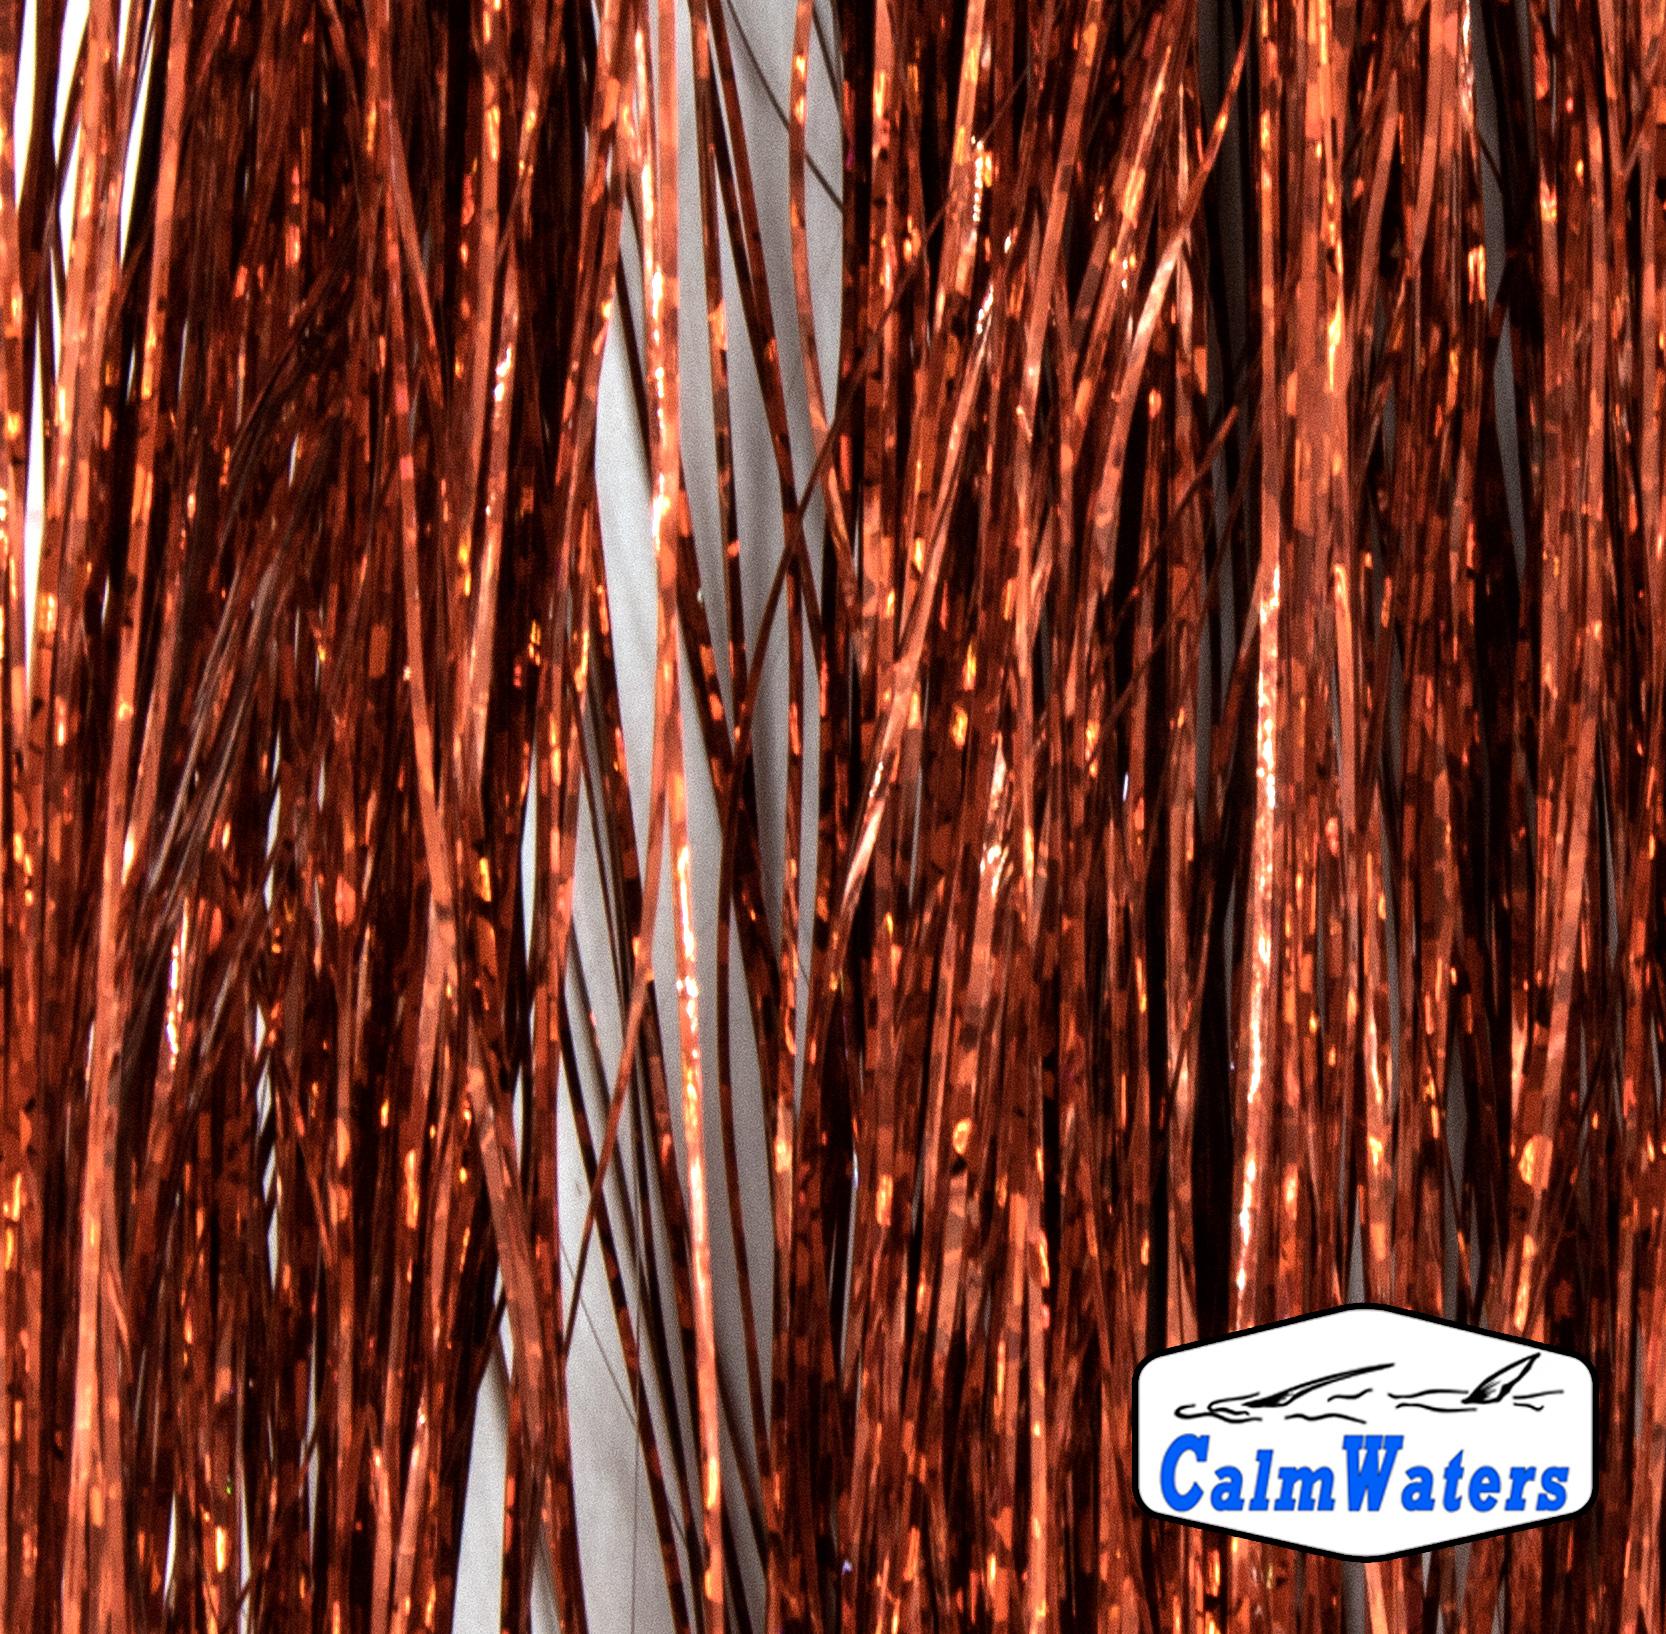 Fibre olografiche per fare rigature sul corpo delle imitazioni di larva di chironomo per la pesca al coregone lavarello e ciuffi brillanti nelle codette delle amettiere per persico reale e agone